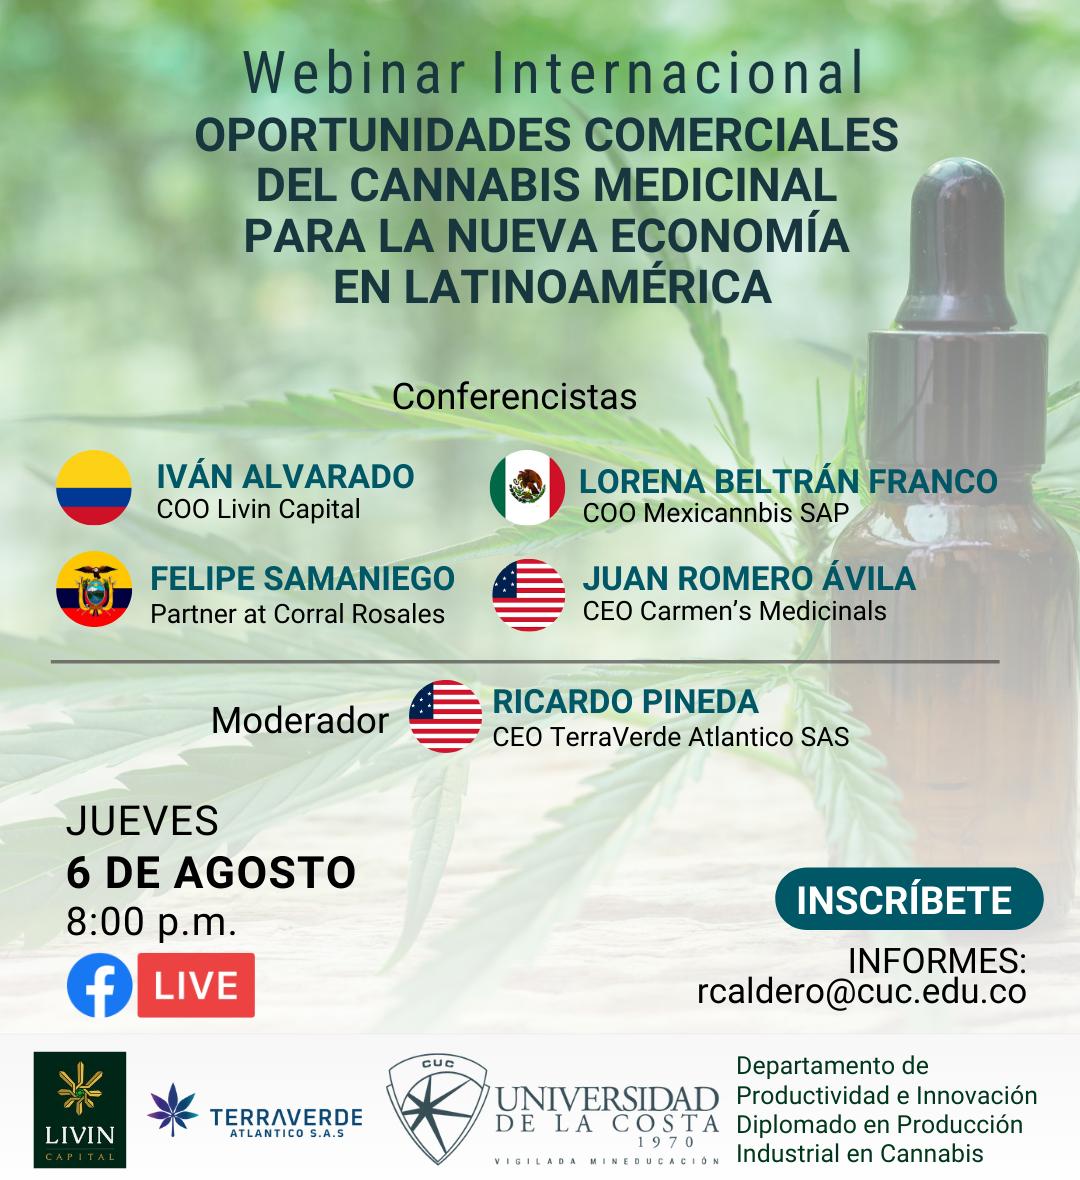 oportunidades comerciales cannabis universidad de la costa cuc